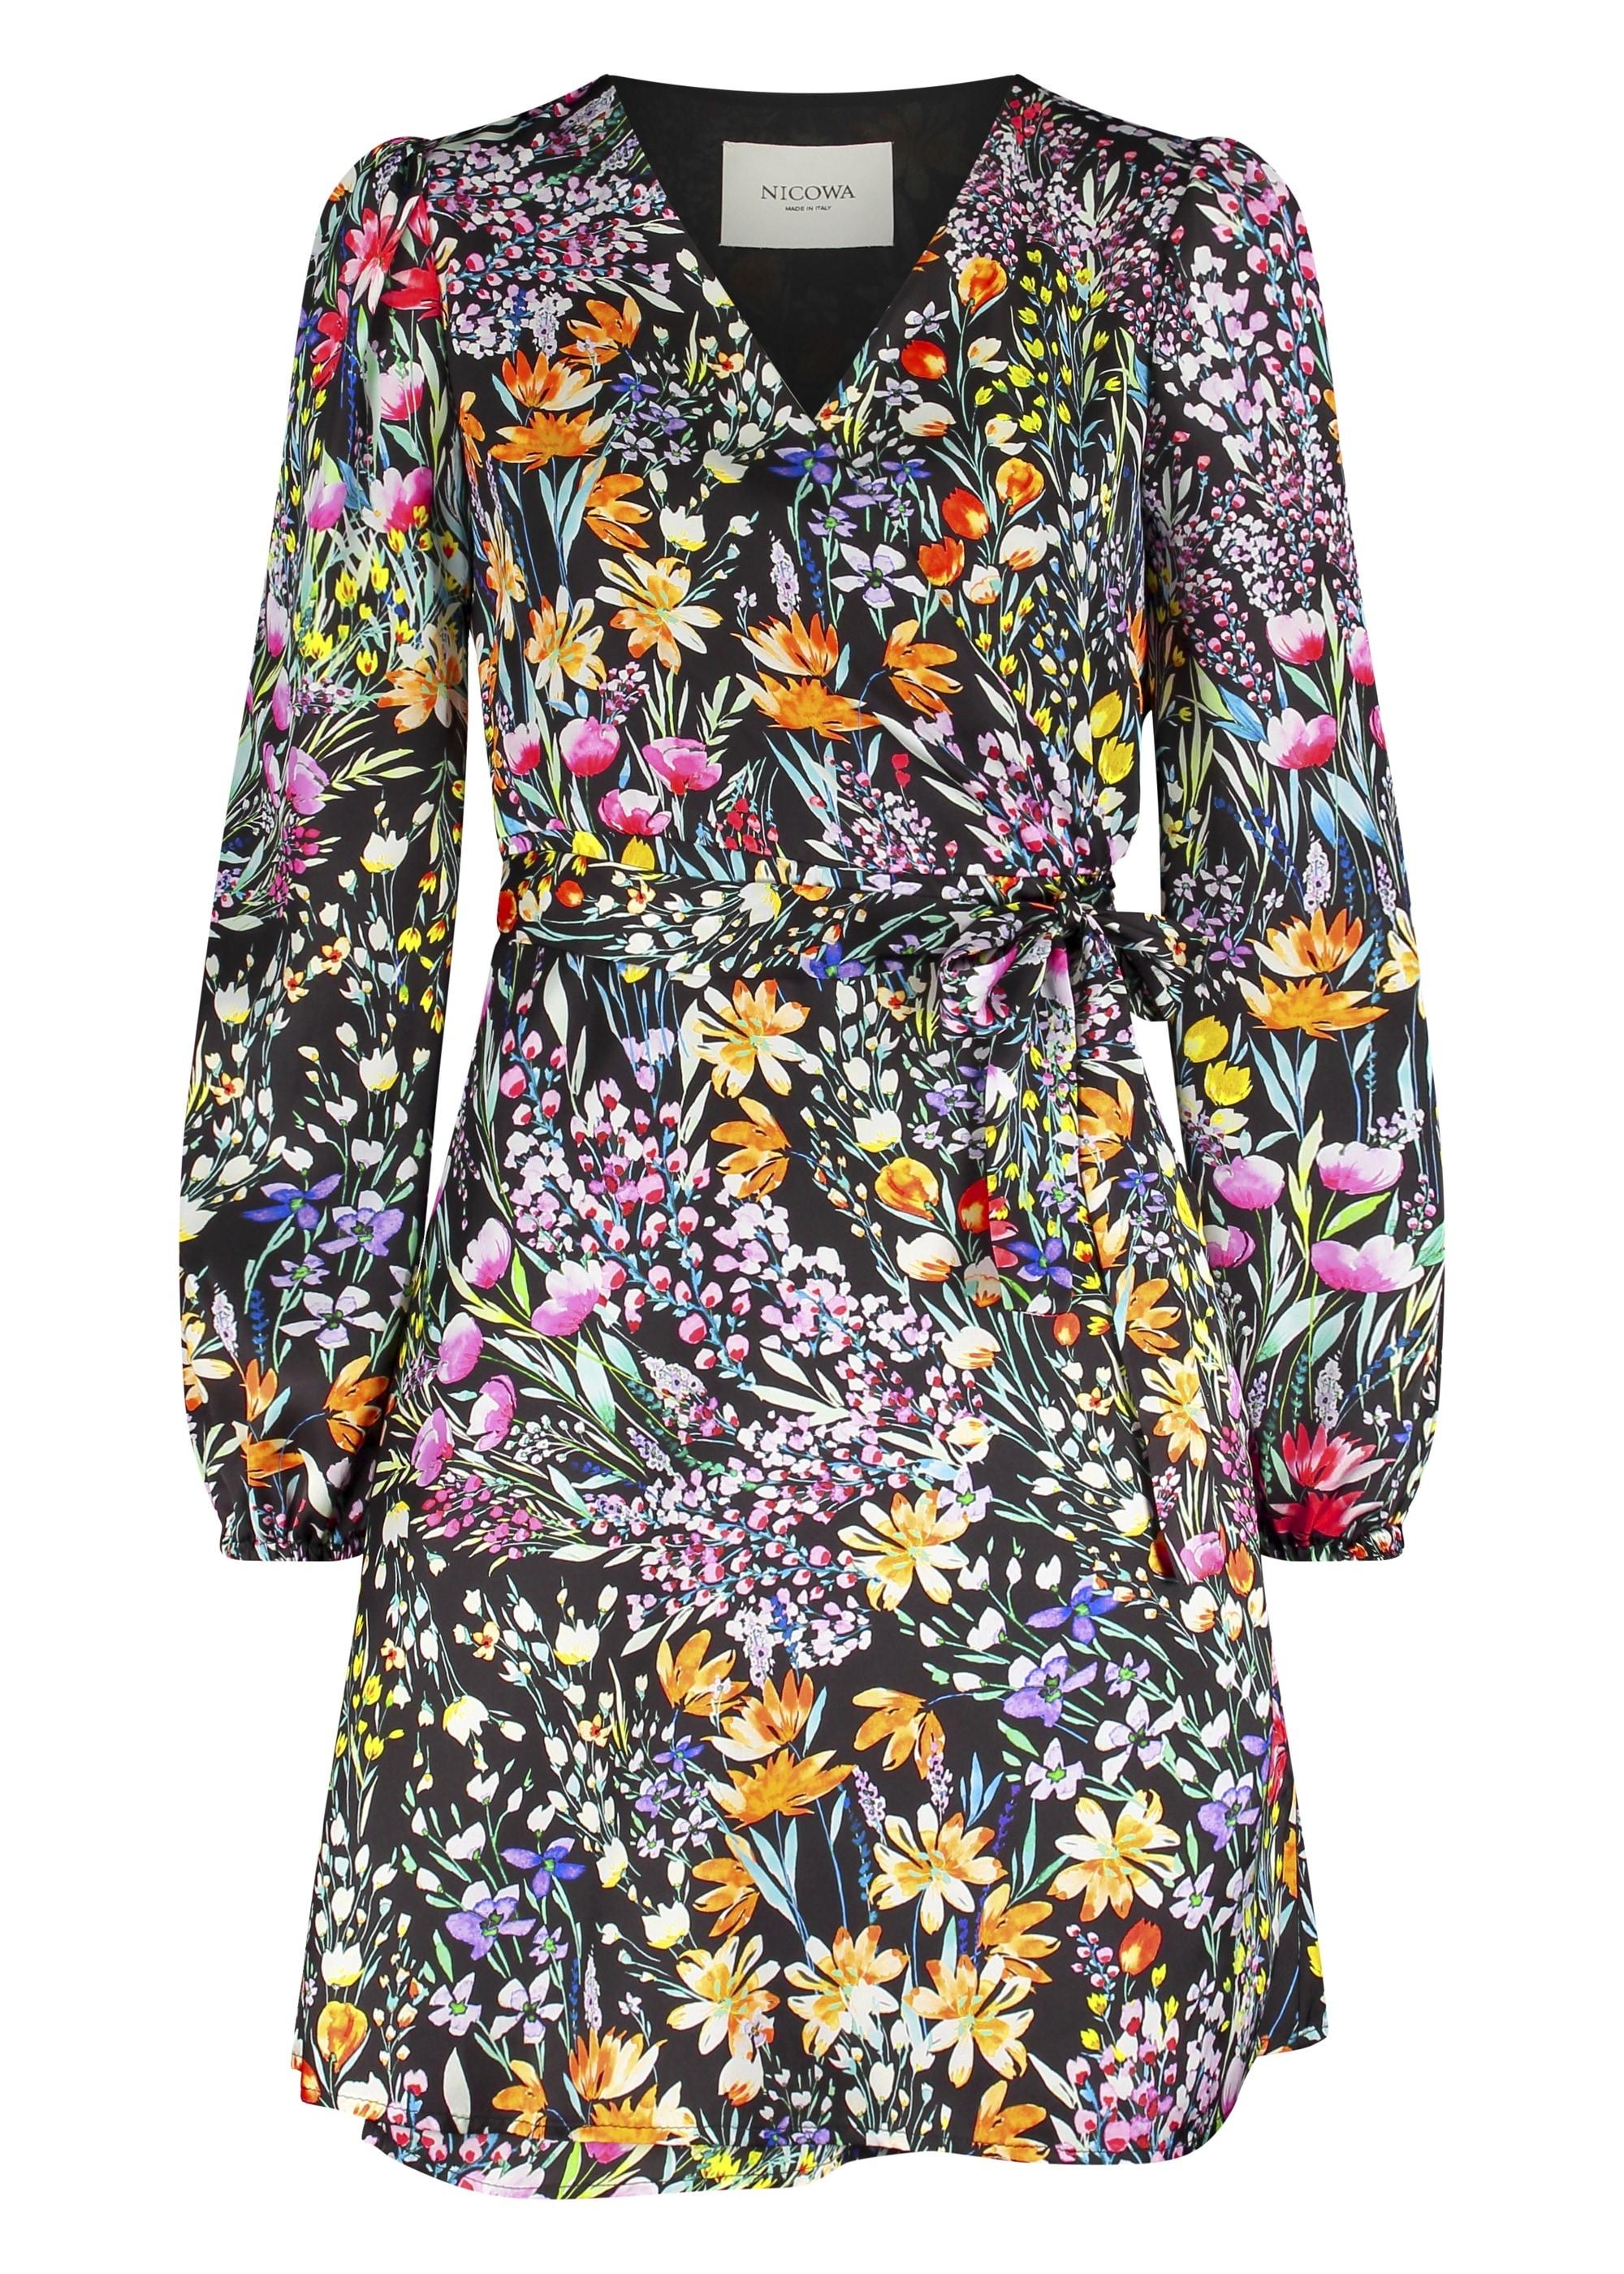 nicowa -  Sommerkleid VEROWA, mit floralem Muster - VEROWA